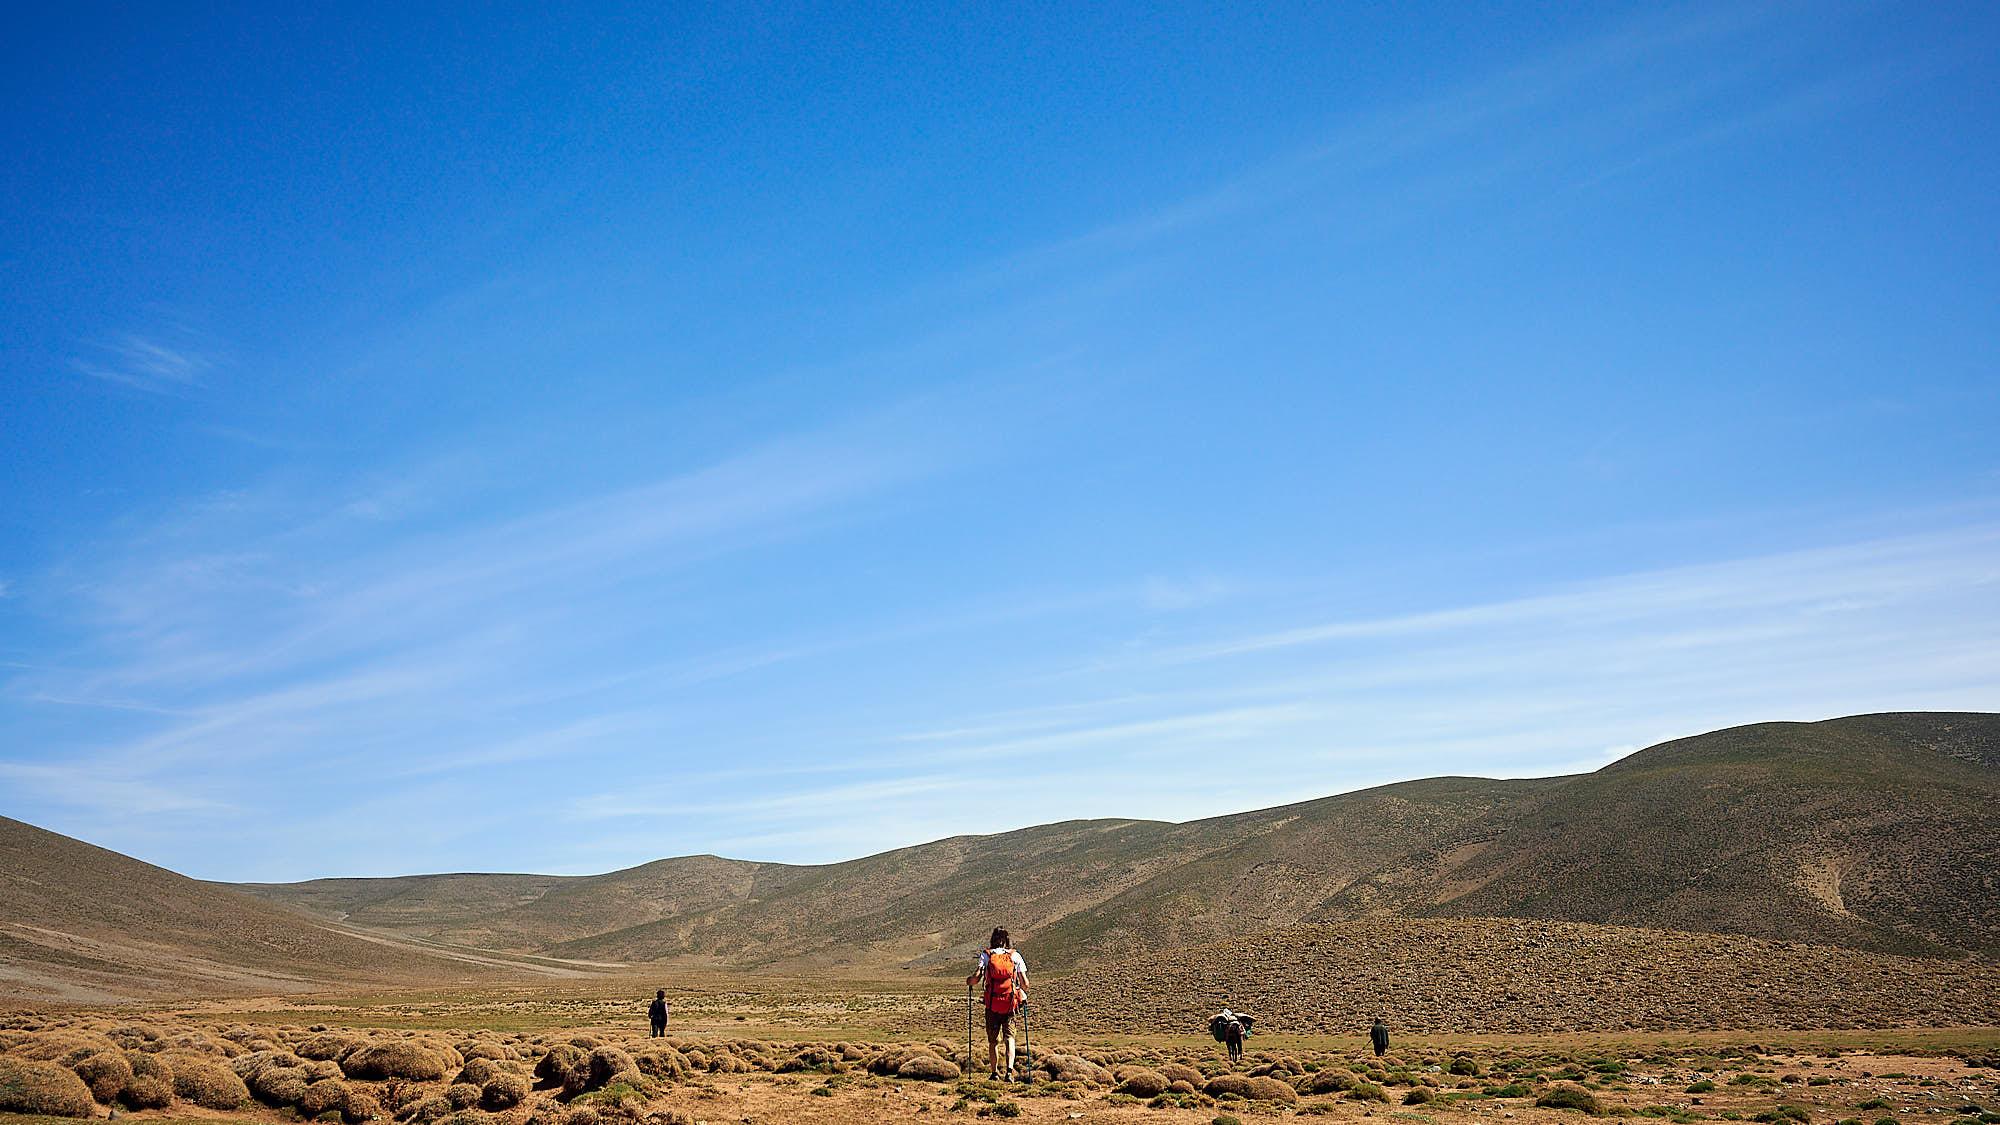 Hiking through Moroccan High Atlas